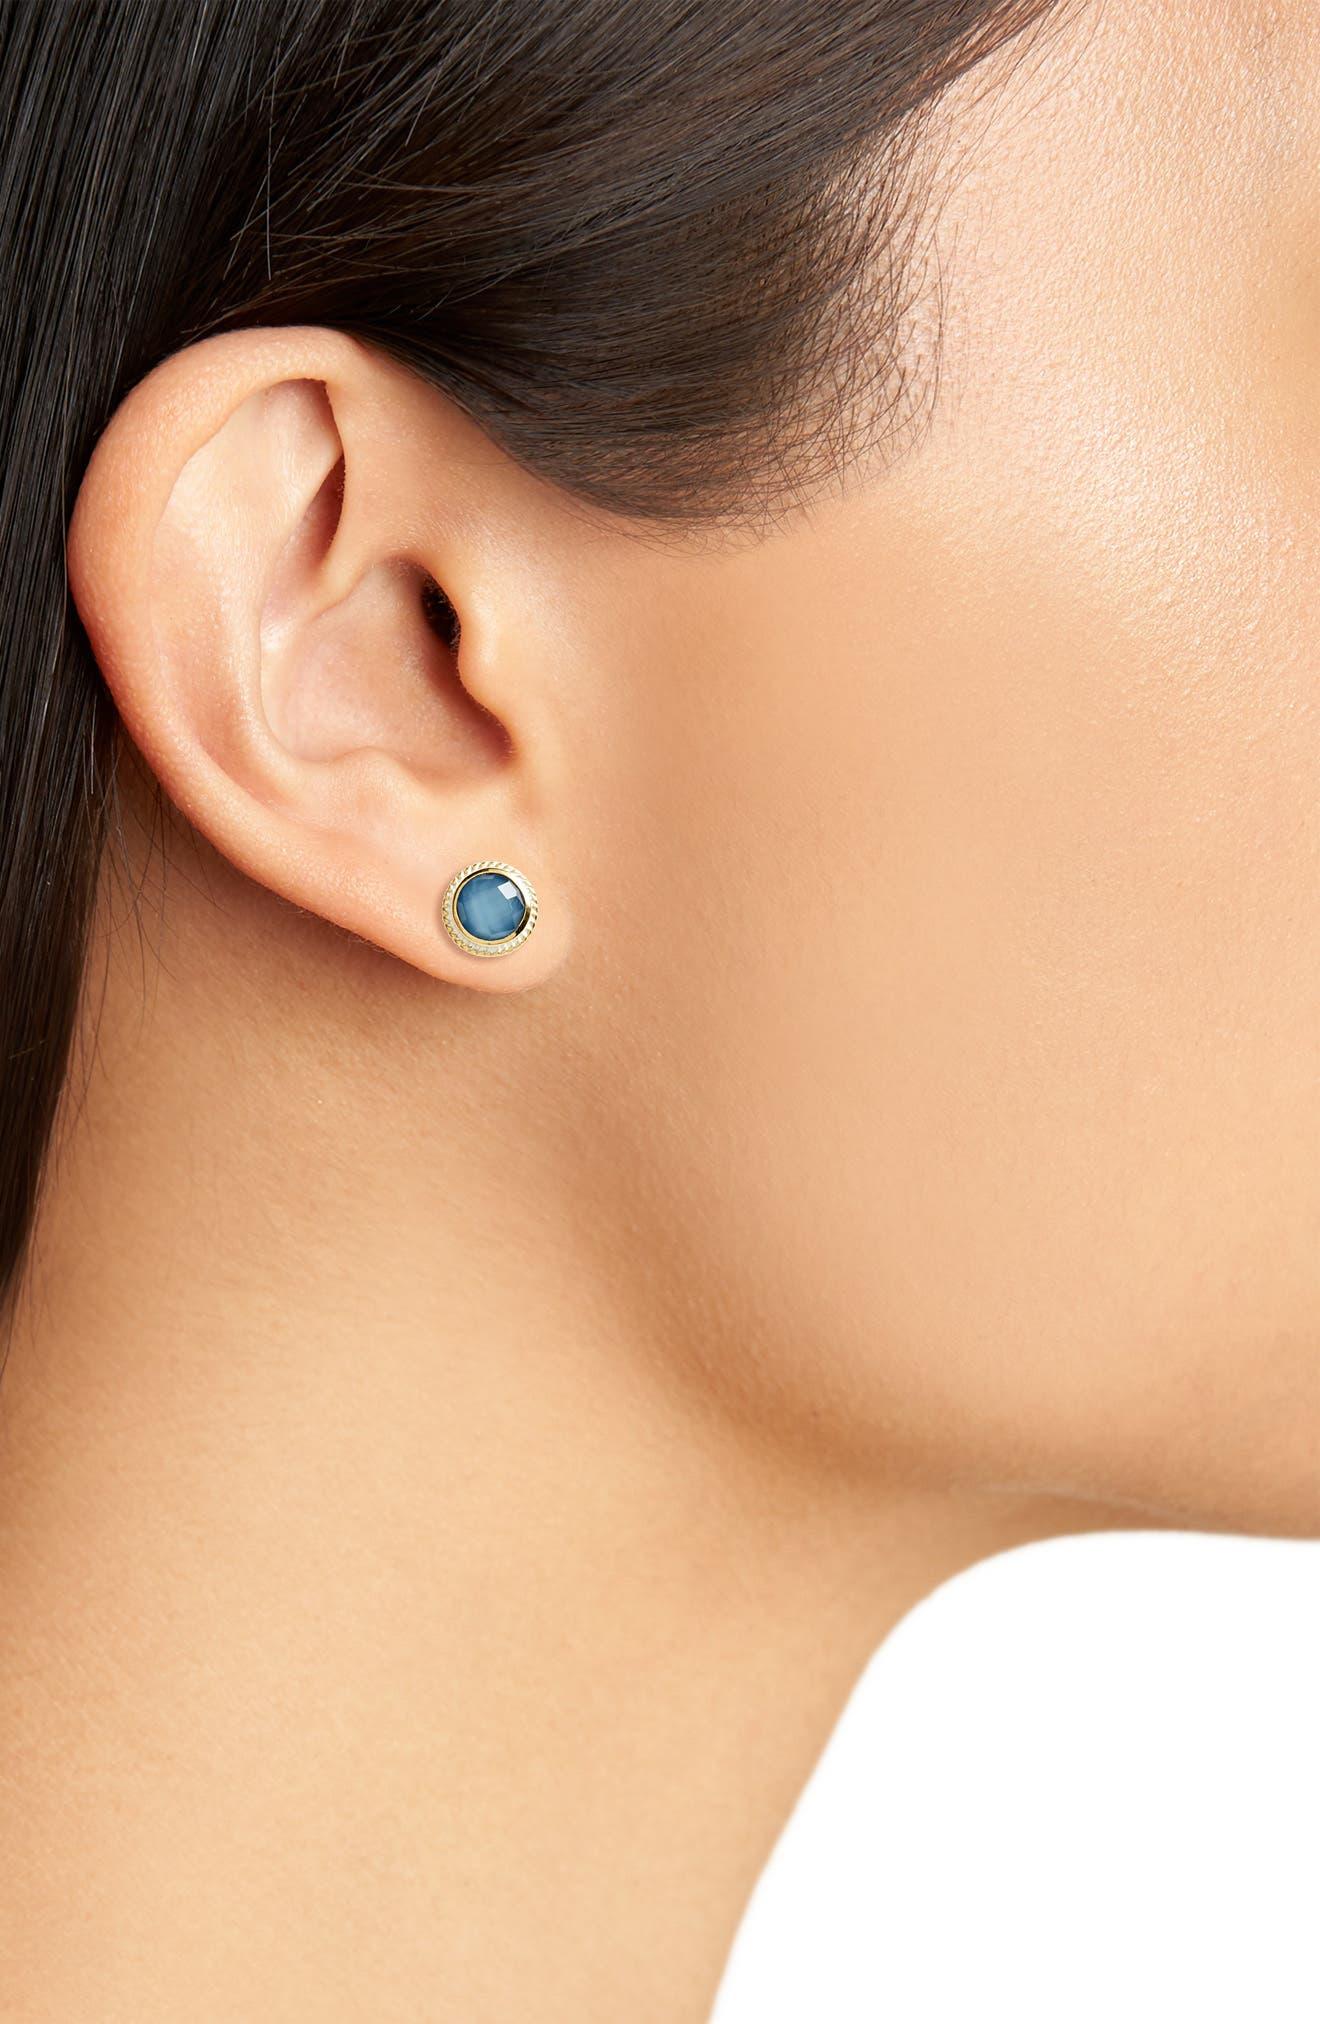 Stone Stud Earrings,                             Alternate thumbnail 2, color,                             Gold/ Blue Quartz